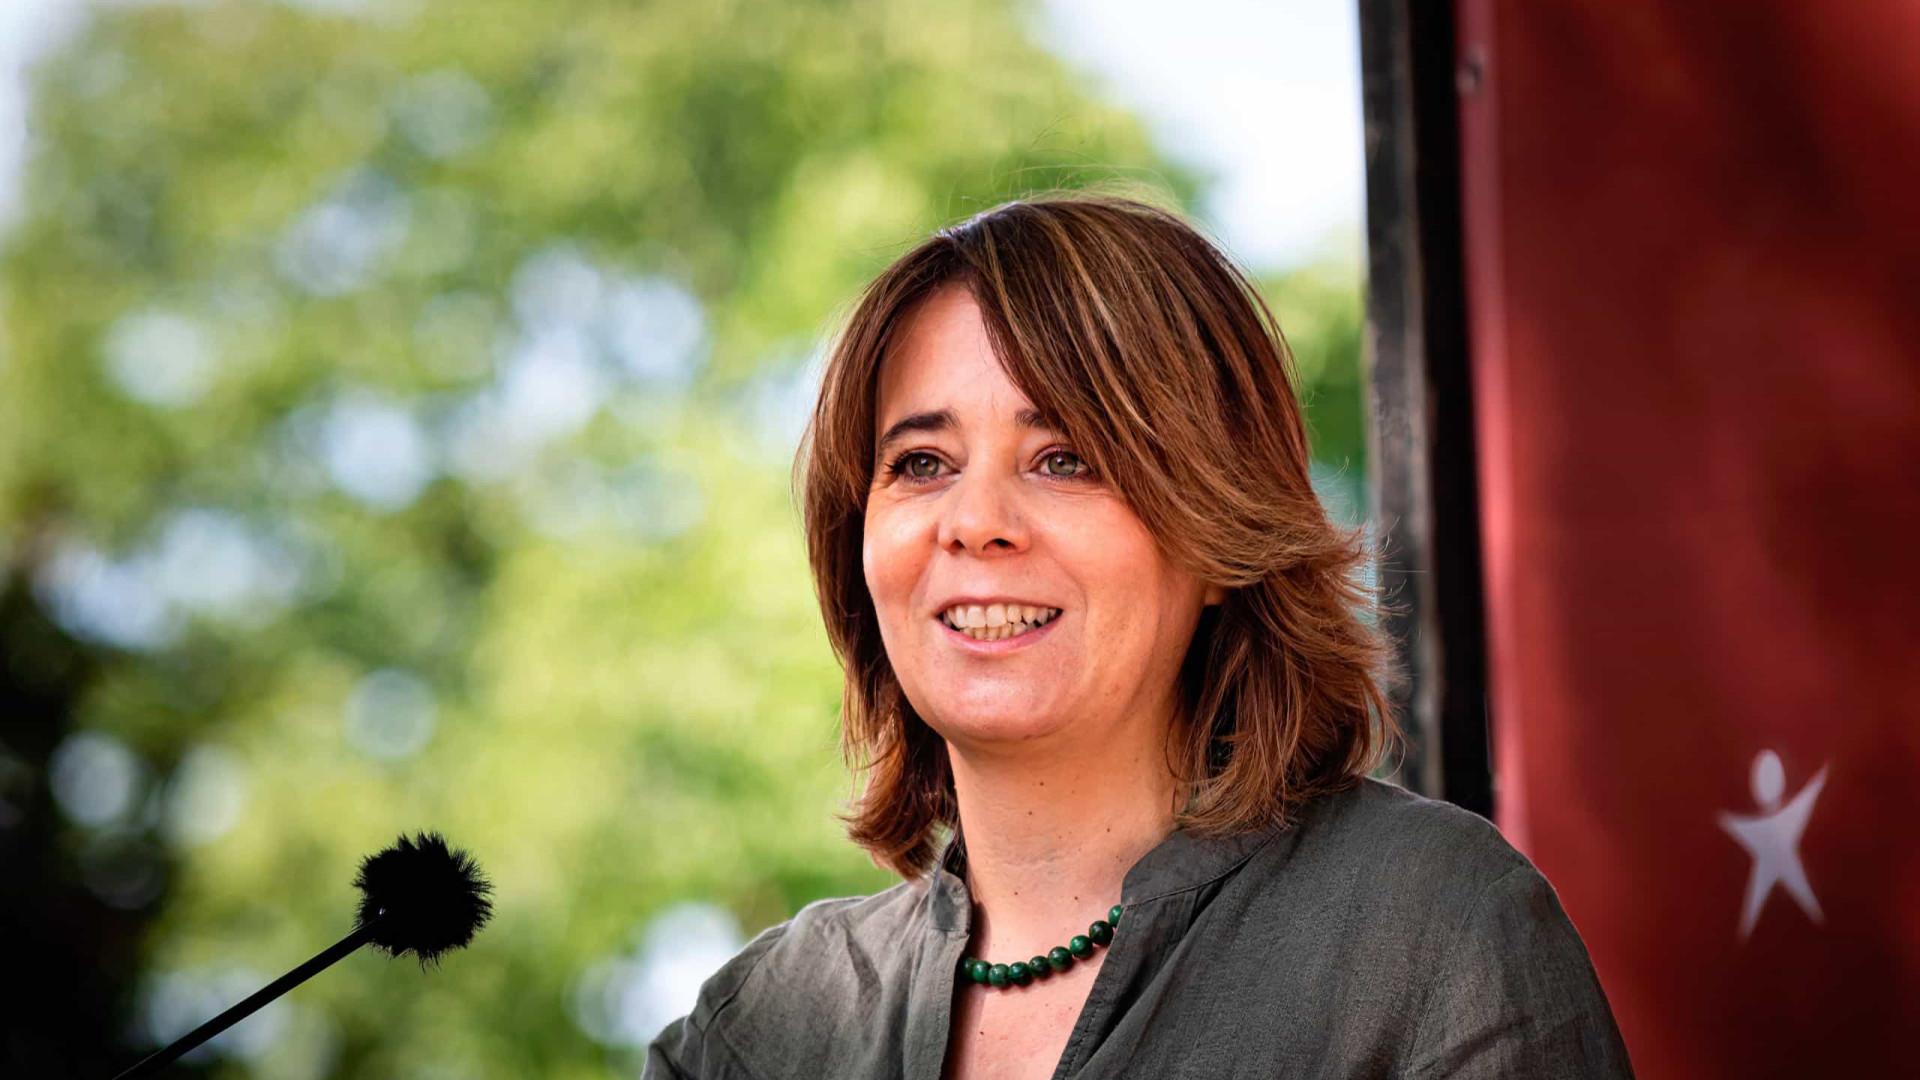 Catarina espera que Moreira comece a ter oposição a partir de domingo